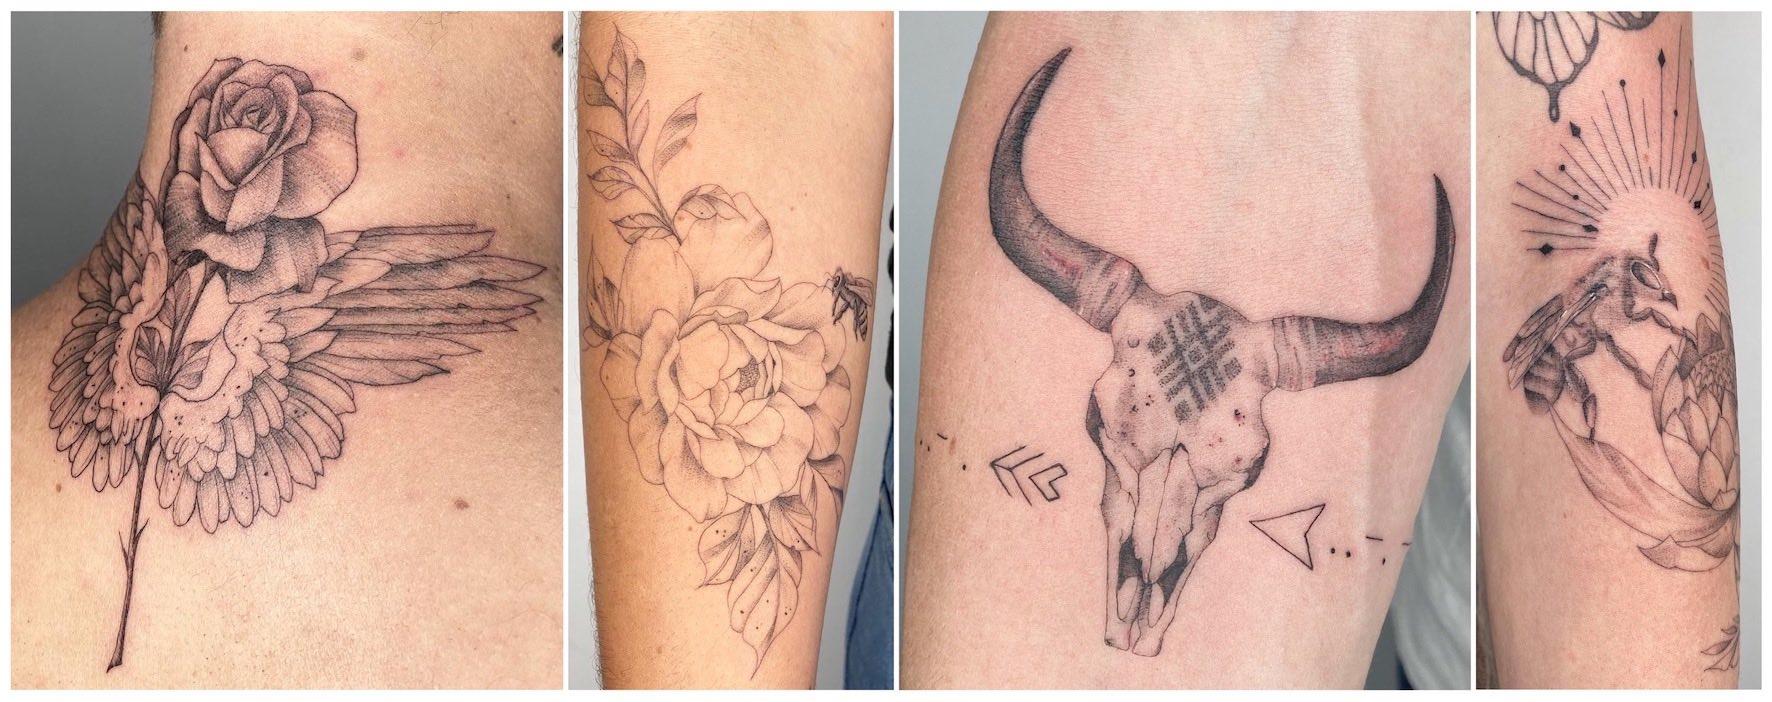 A selection of tattoos done by Alyssa van der Merwe